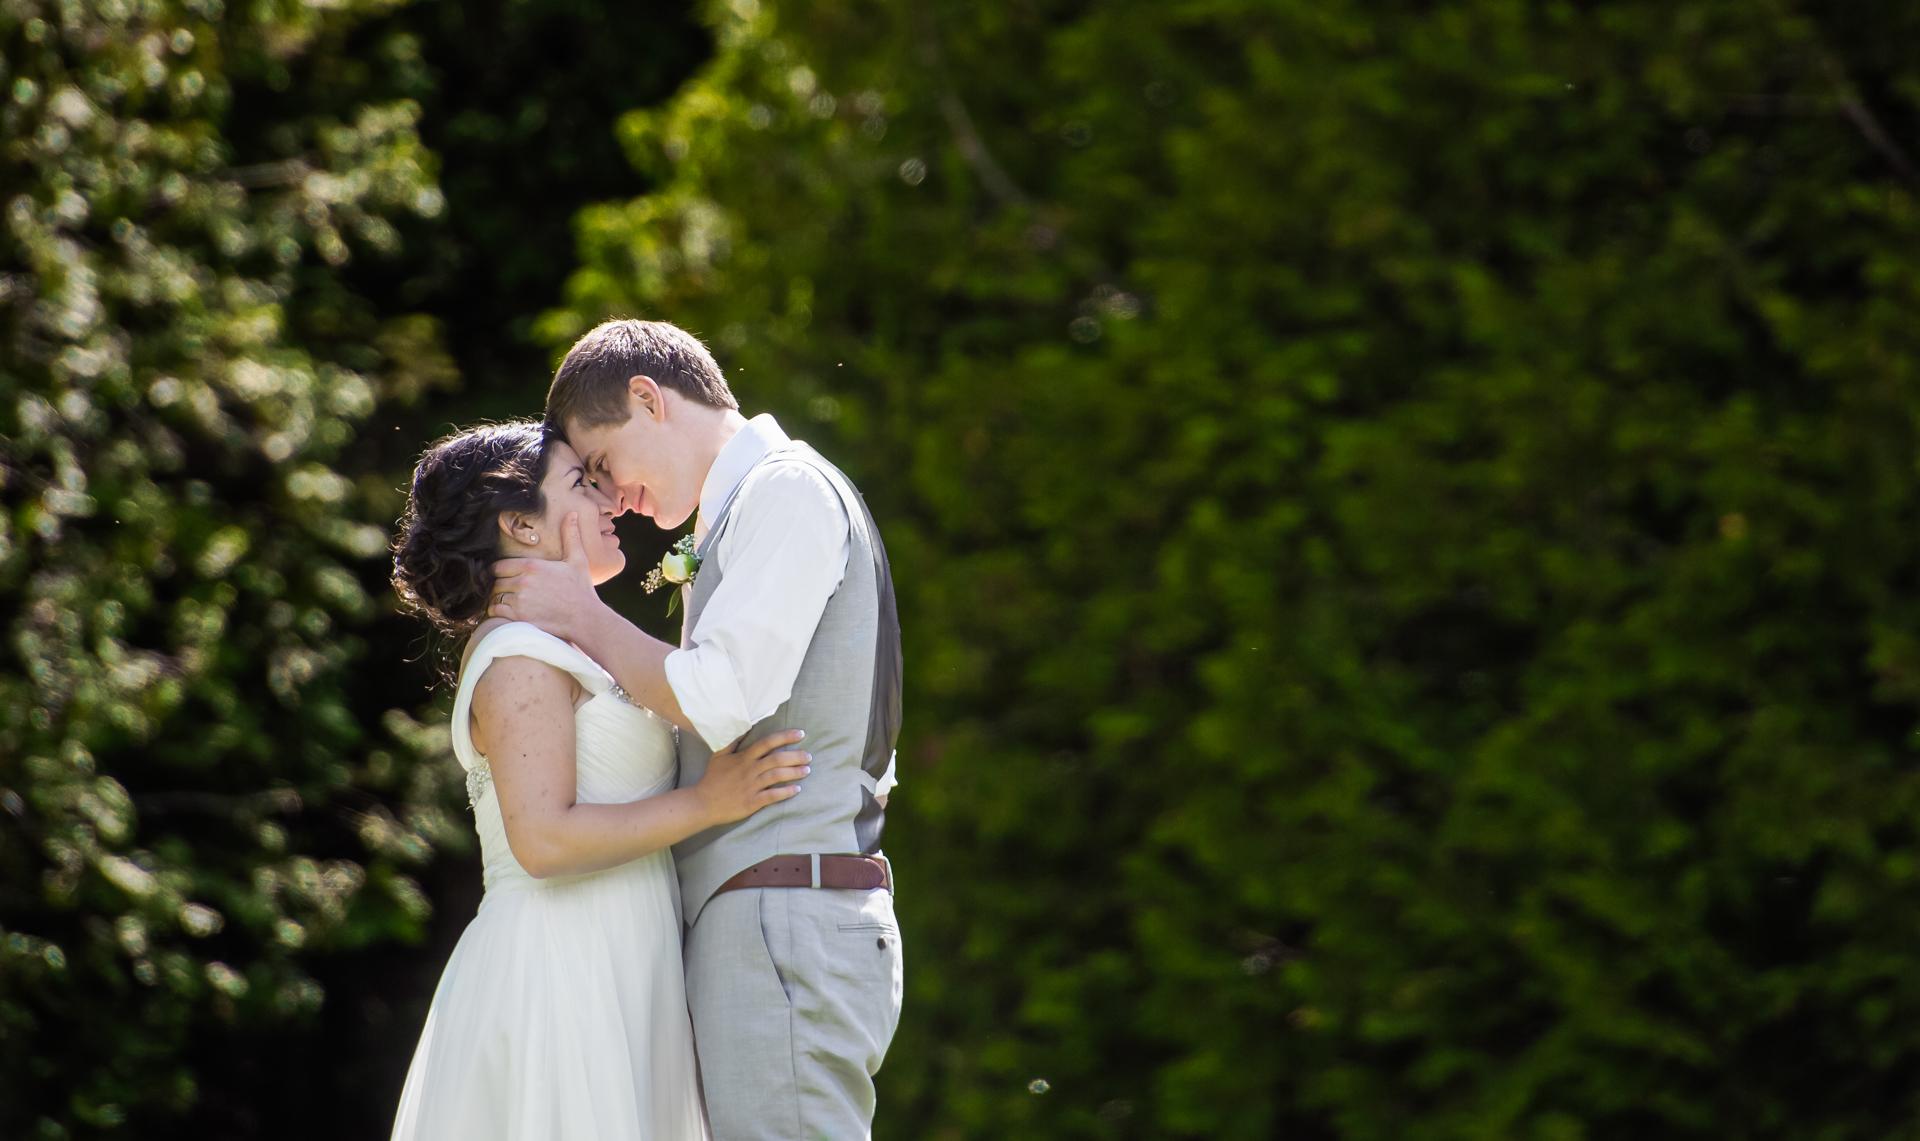 Markdale_Wedding_Photography_012